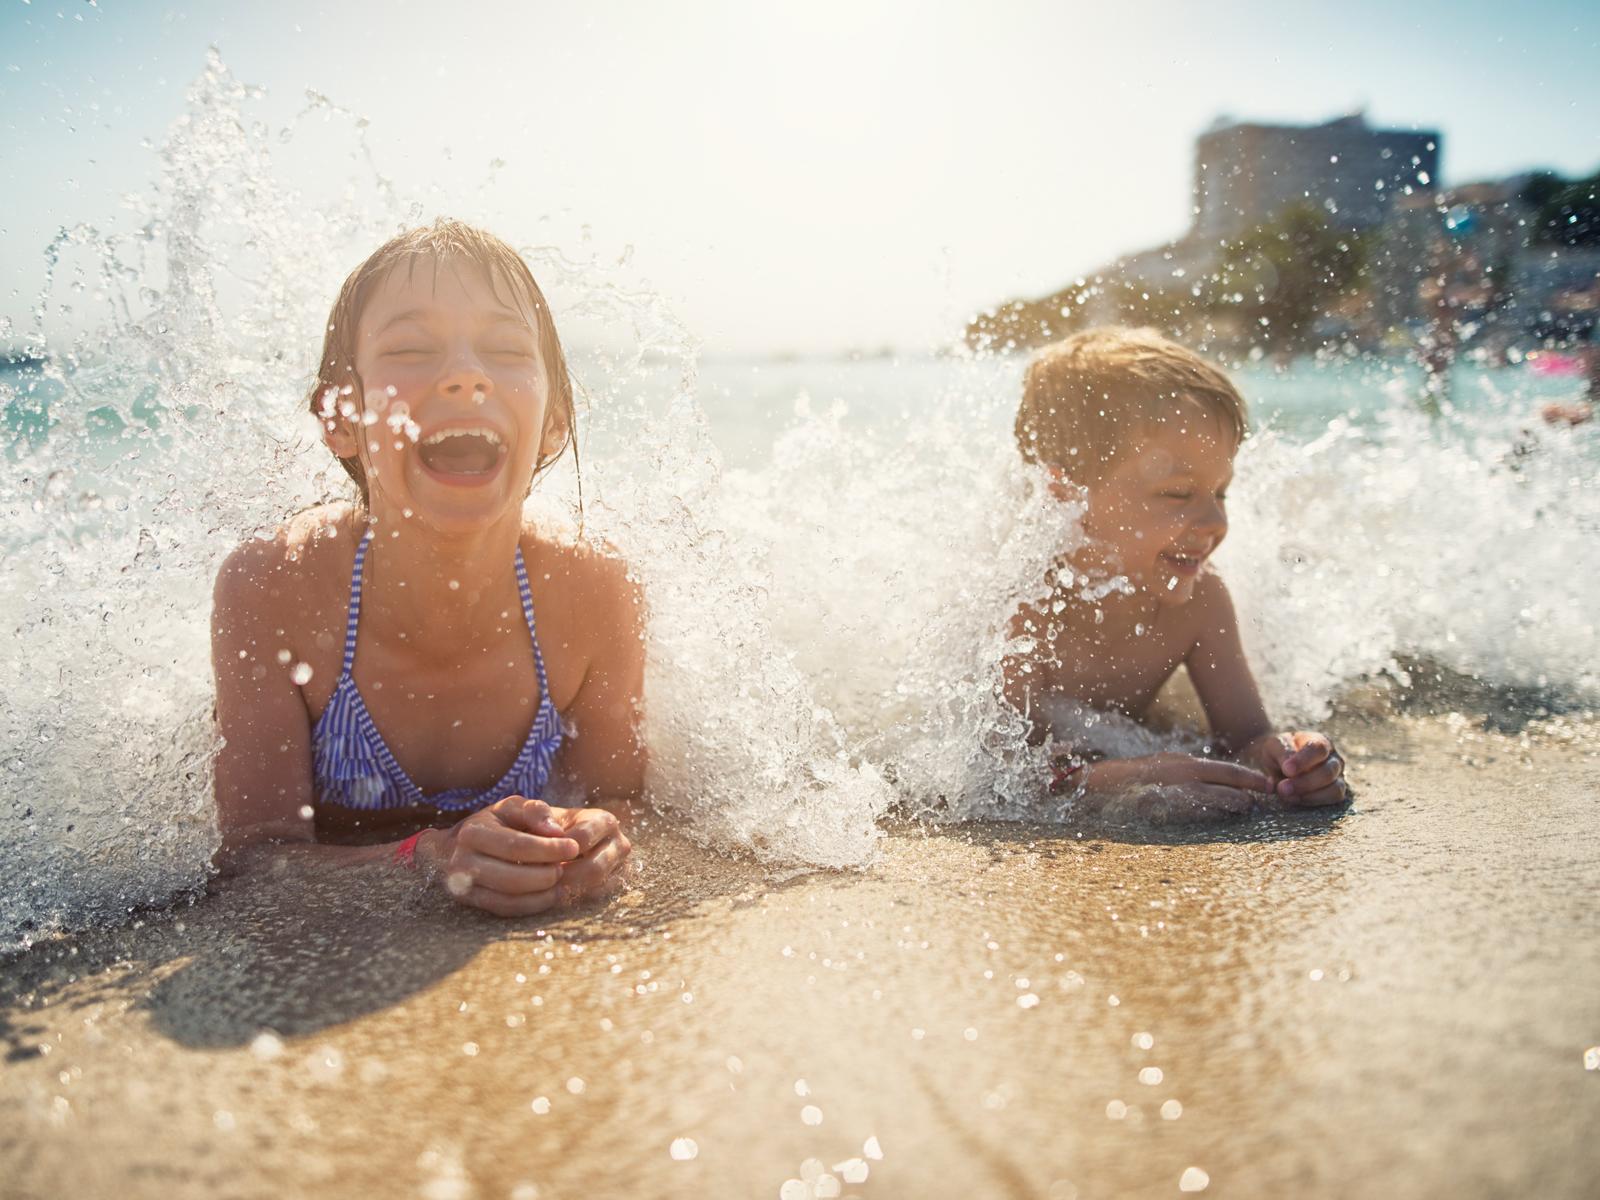 Quem quer férias - 1600x1200